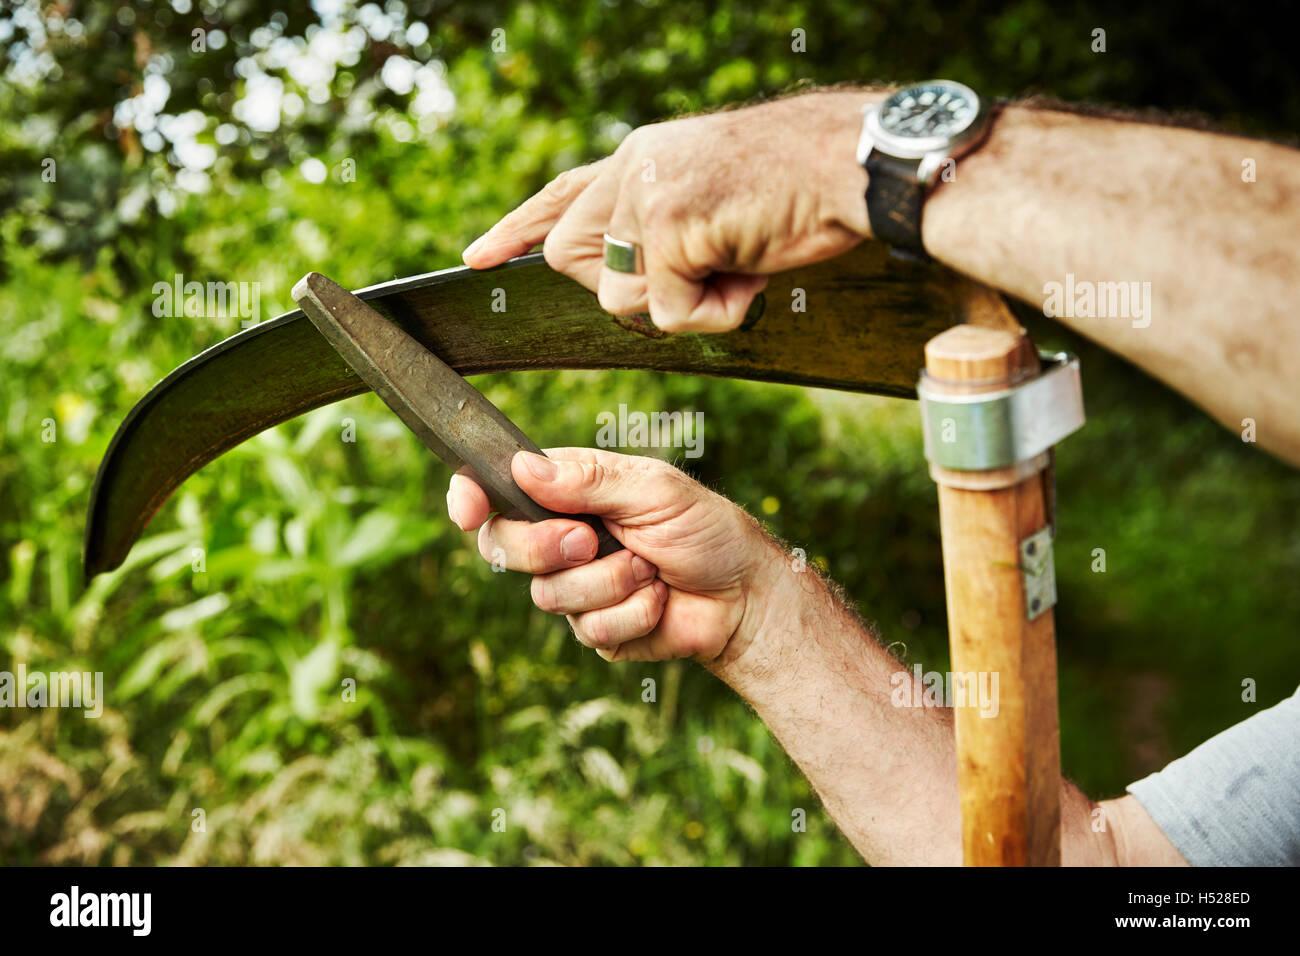 Scythe Blade Stock Photos & Scythe Blade Stock Images - Alamy